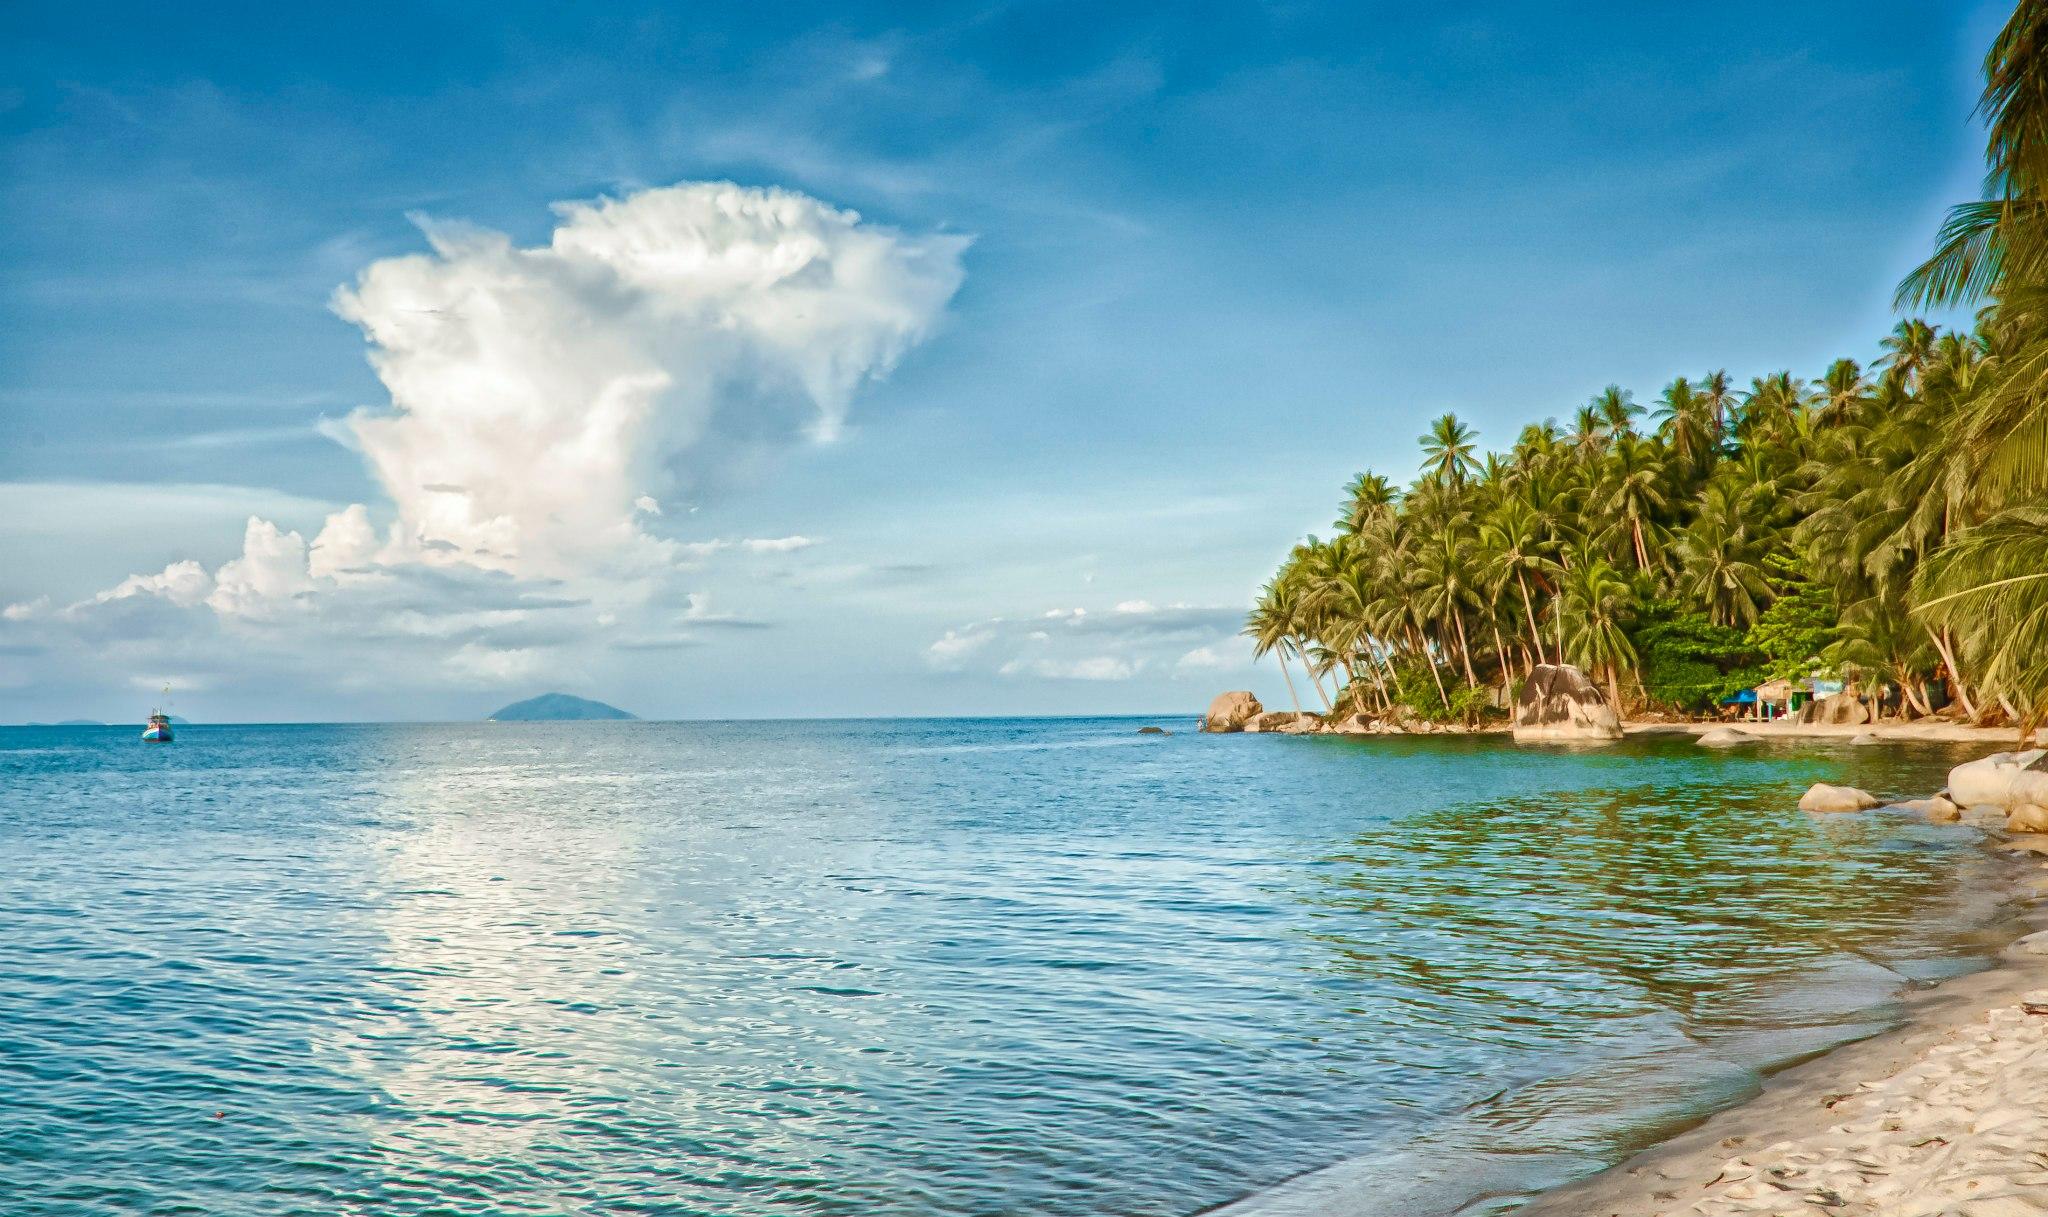 Khu du lịch Nam Du đẹp nhất mùa nào?